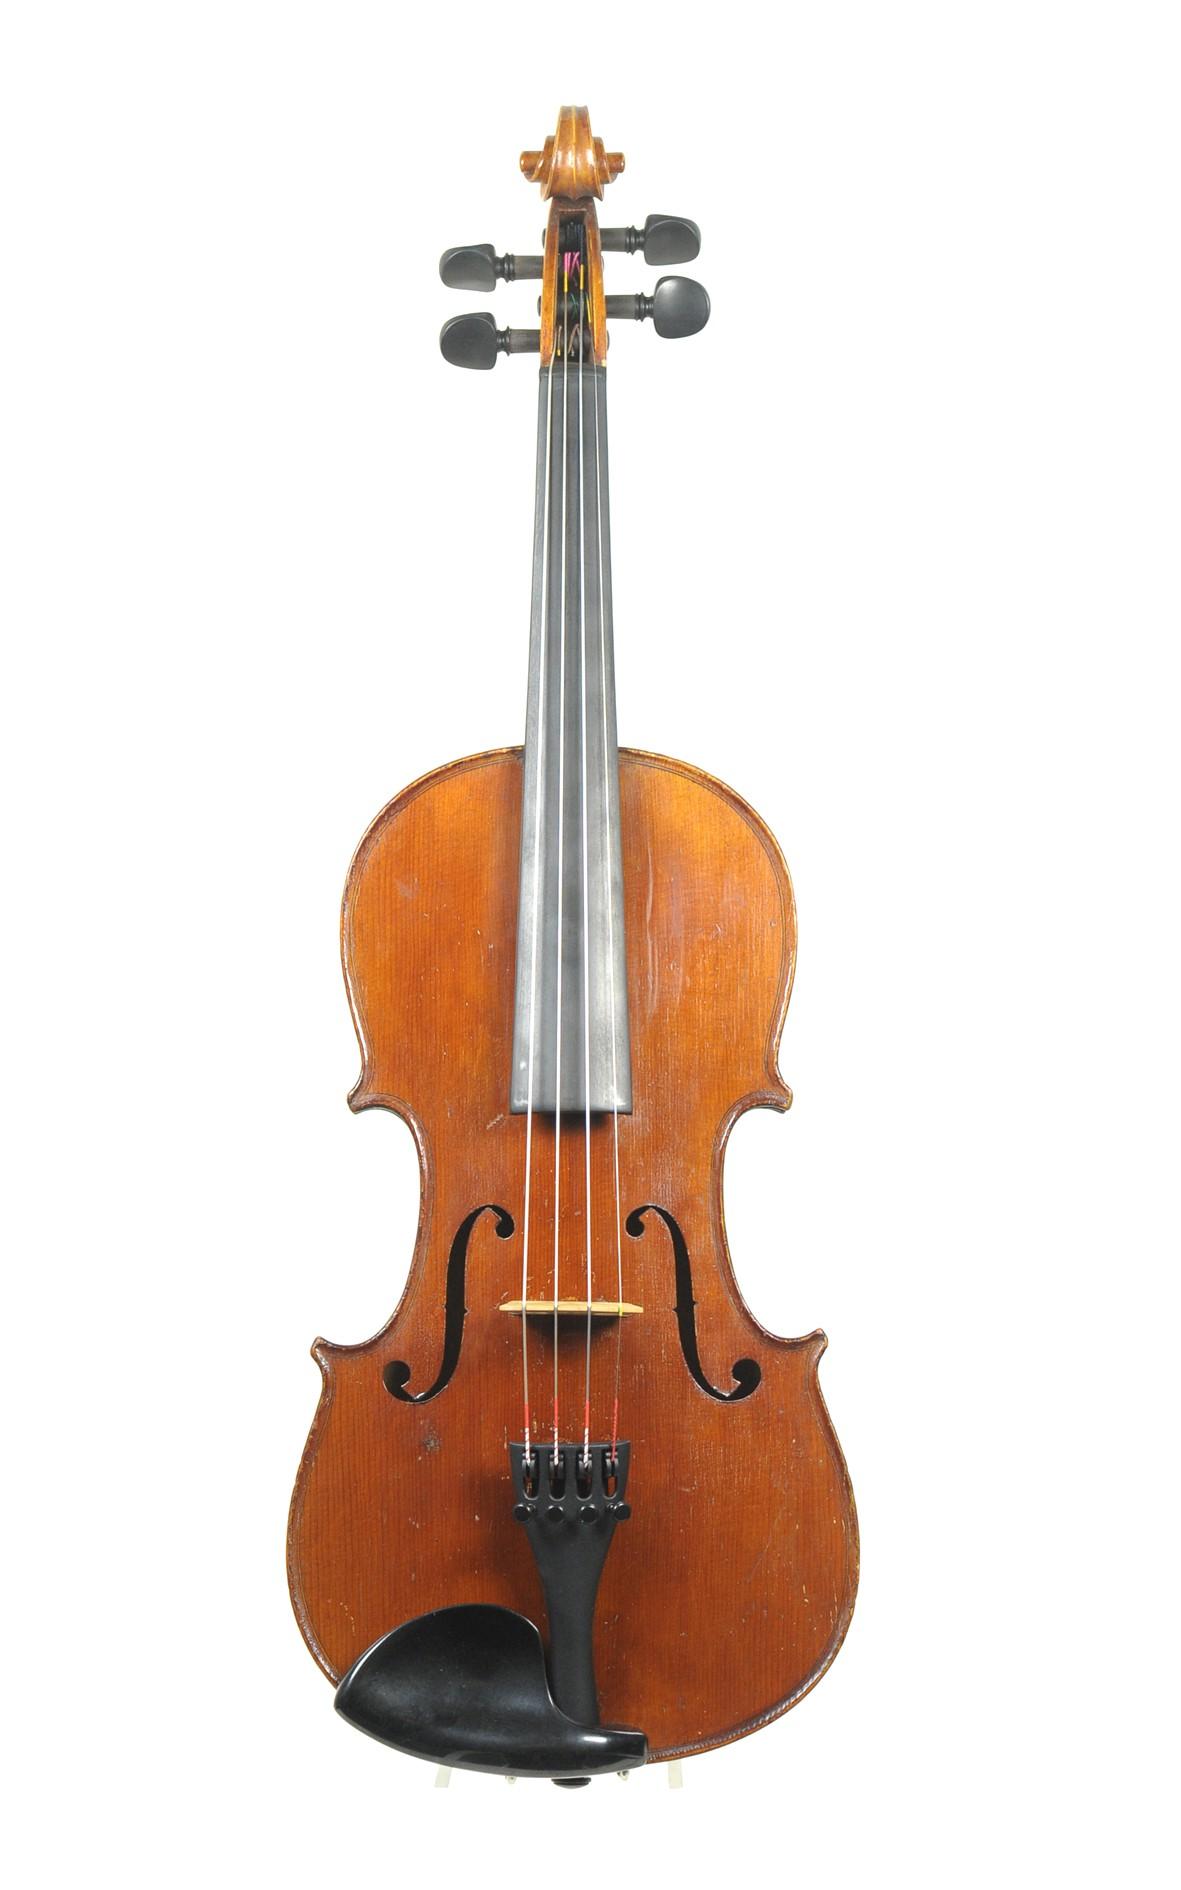 Alte Mittenwalder 3/4 Geige um 1900 - Decke